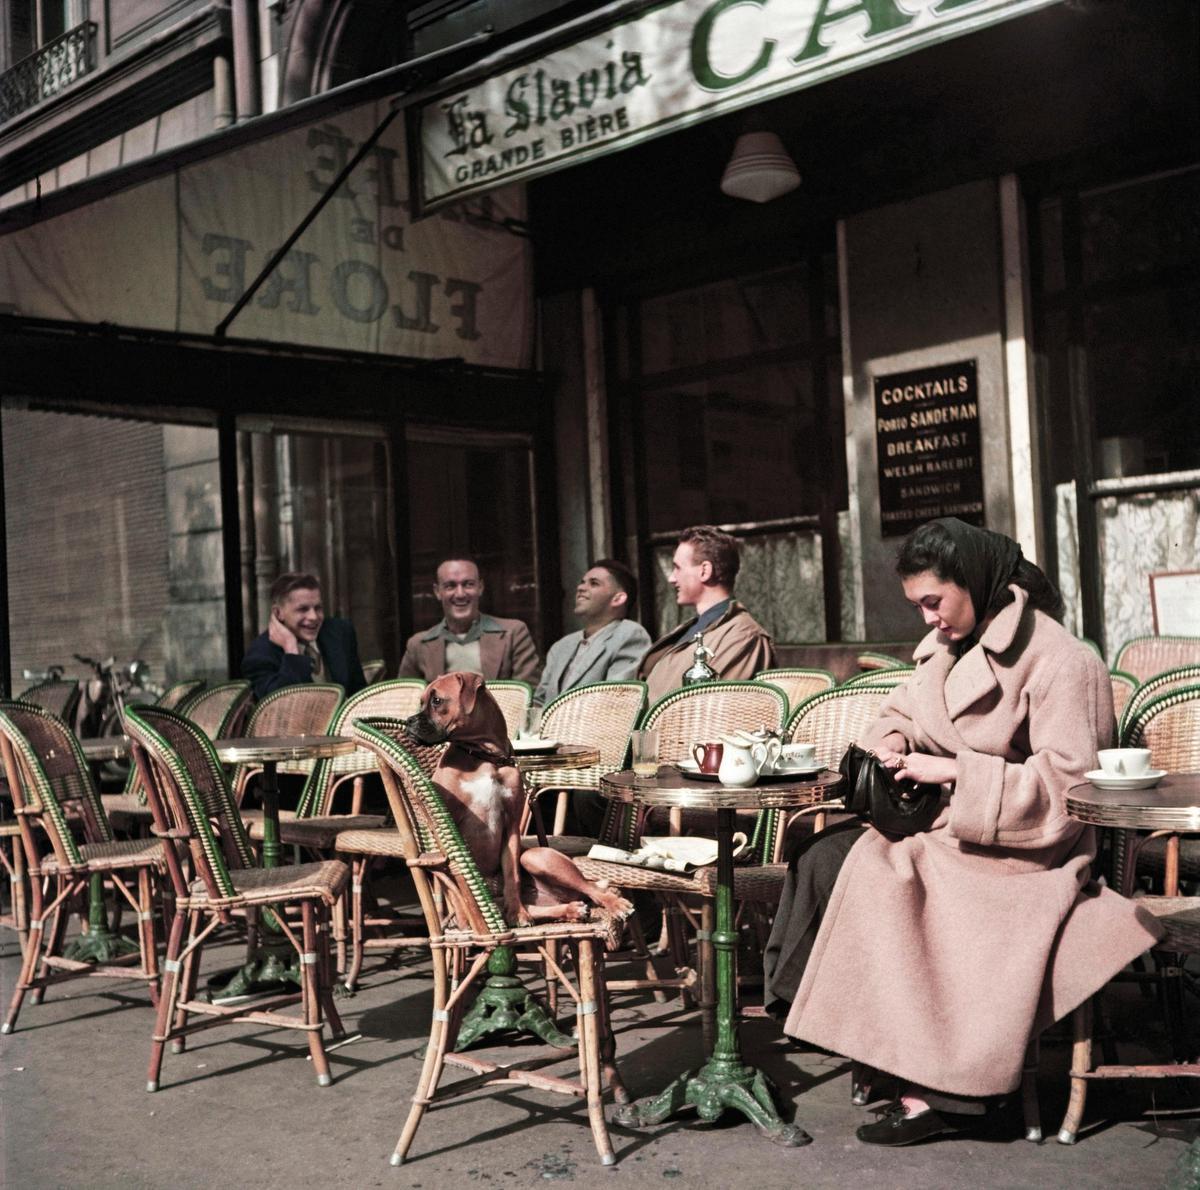 Au milieu du XXe siècle, la chaise de bistrot en rotin était indissociable des cafés français. On en veut pour preuve cette image du Café de Flore à Paris, prise par le célèbre photographe hongro-américain Robert Capa., Magnum